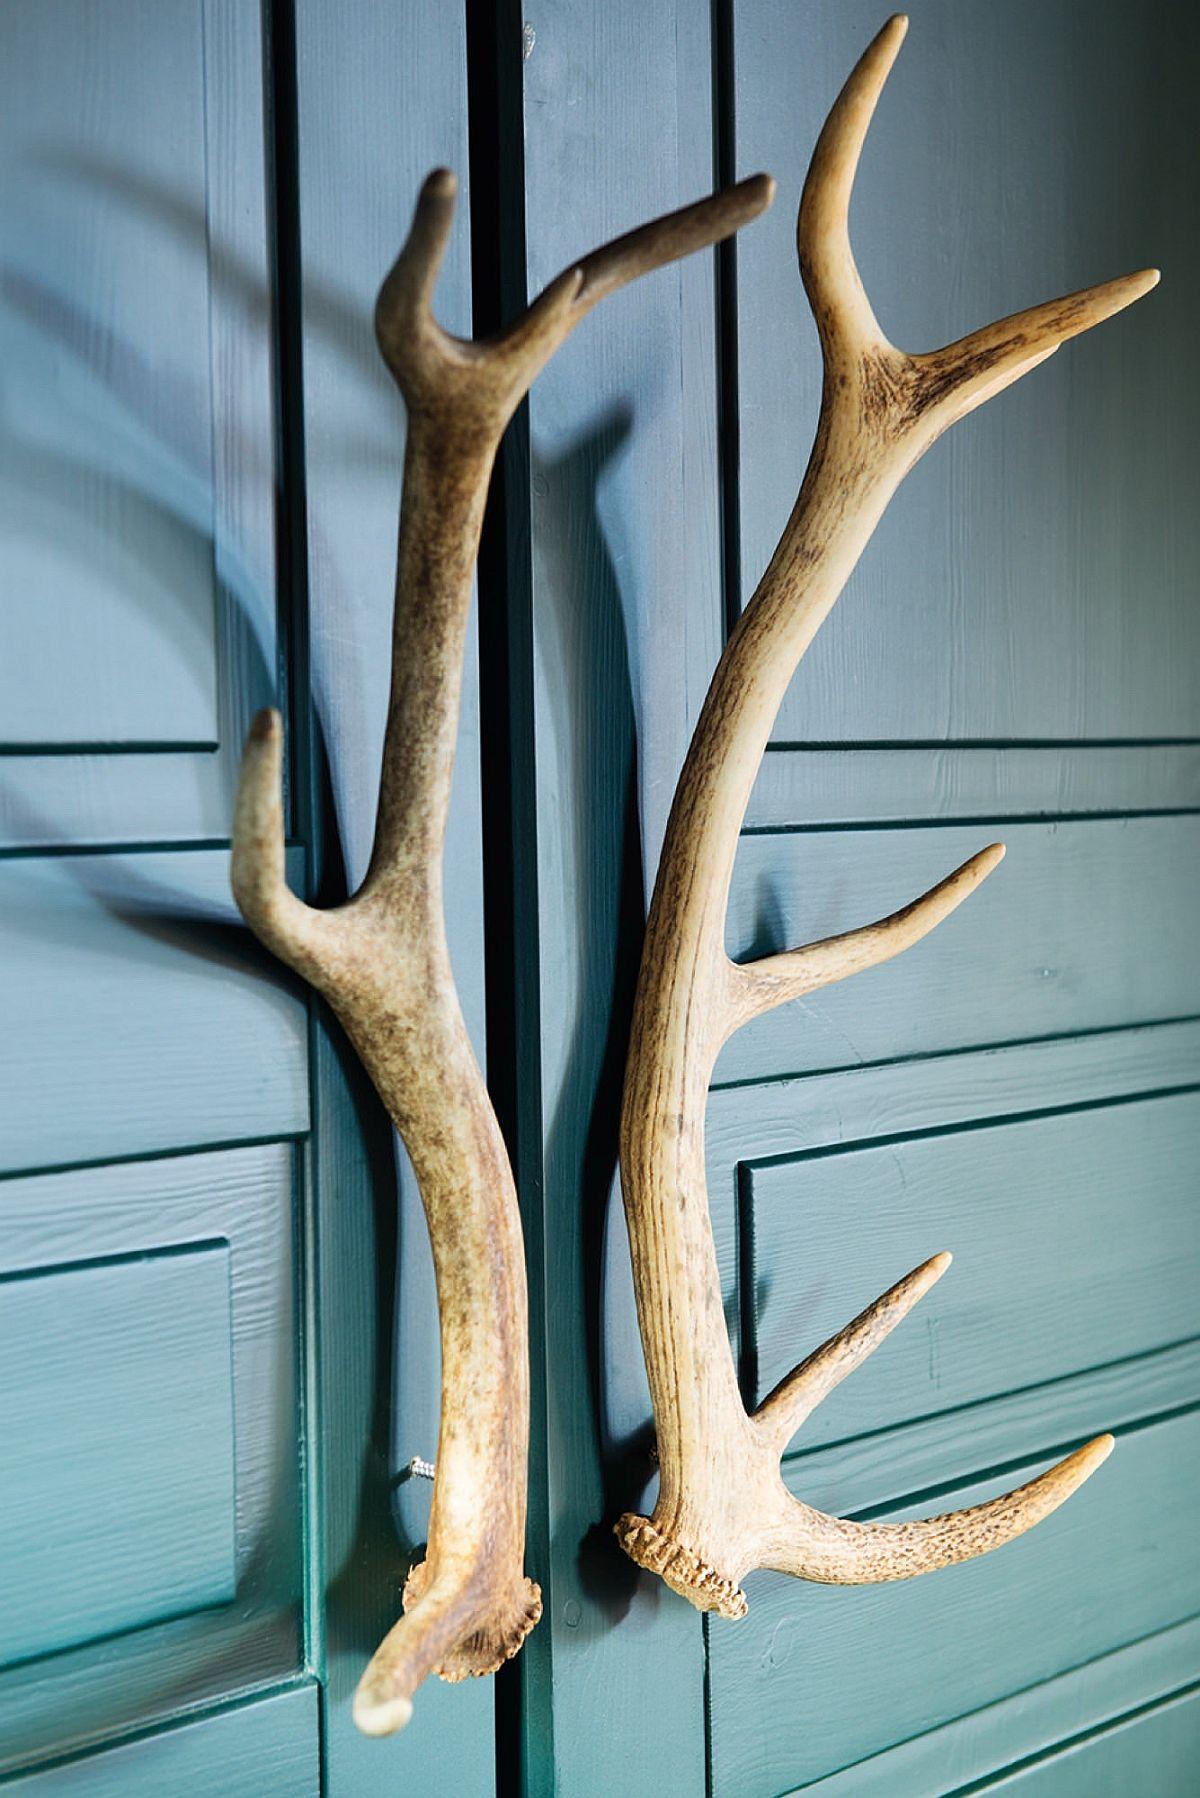 O idee interesantă și potrivită pentru o casă de vacanță la munte: mânere din coarne de cerb.